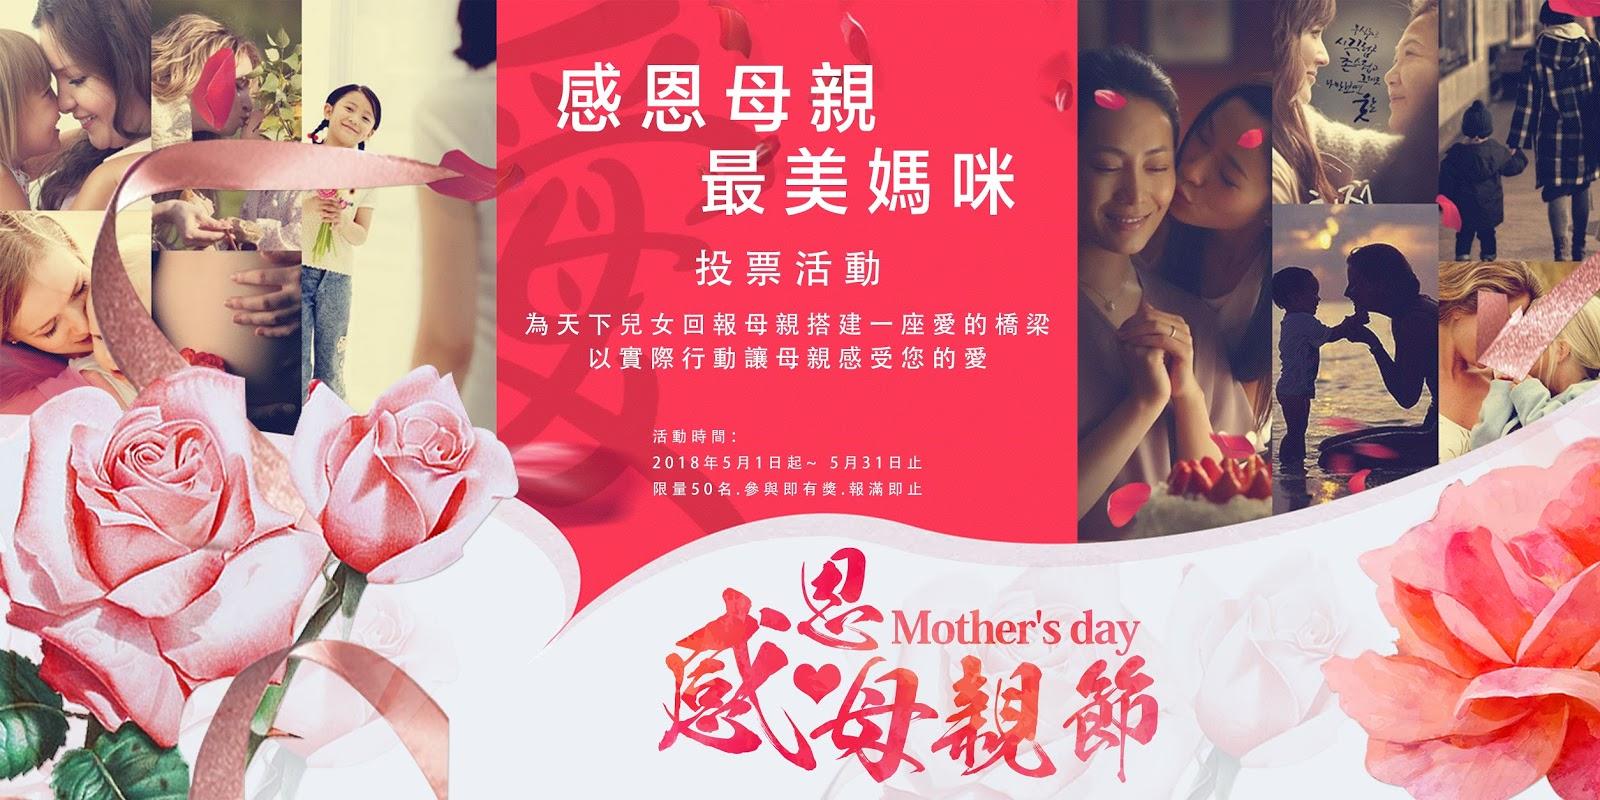 弁當工場 母親節投票活動